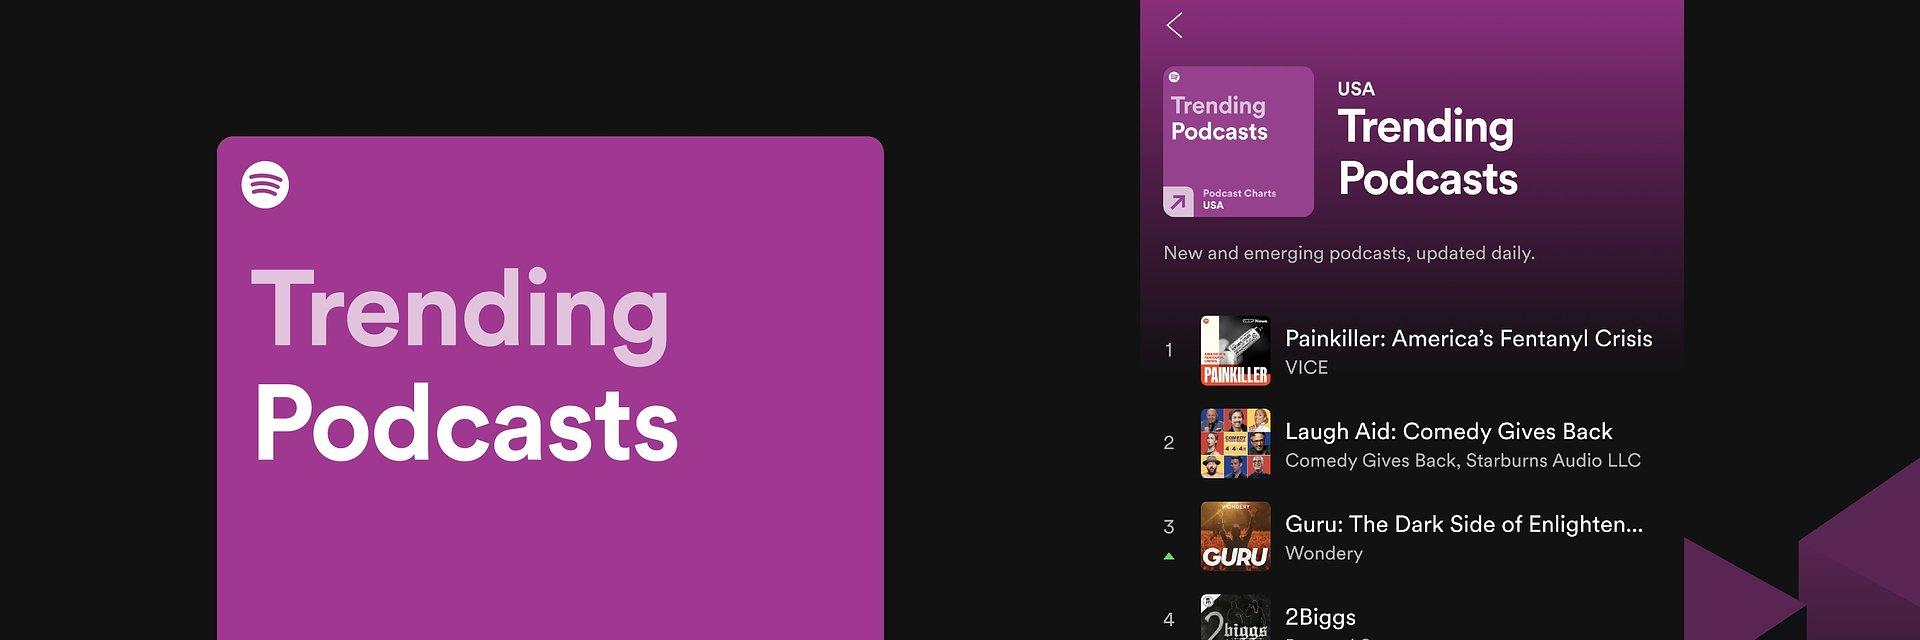 Spotify prezentuje podcastowe listy przebojów